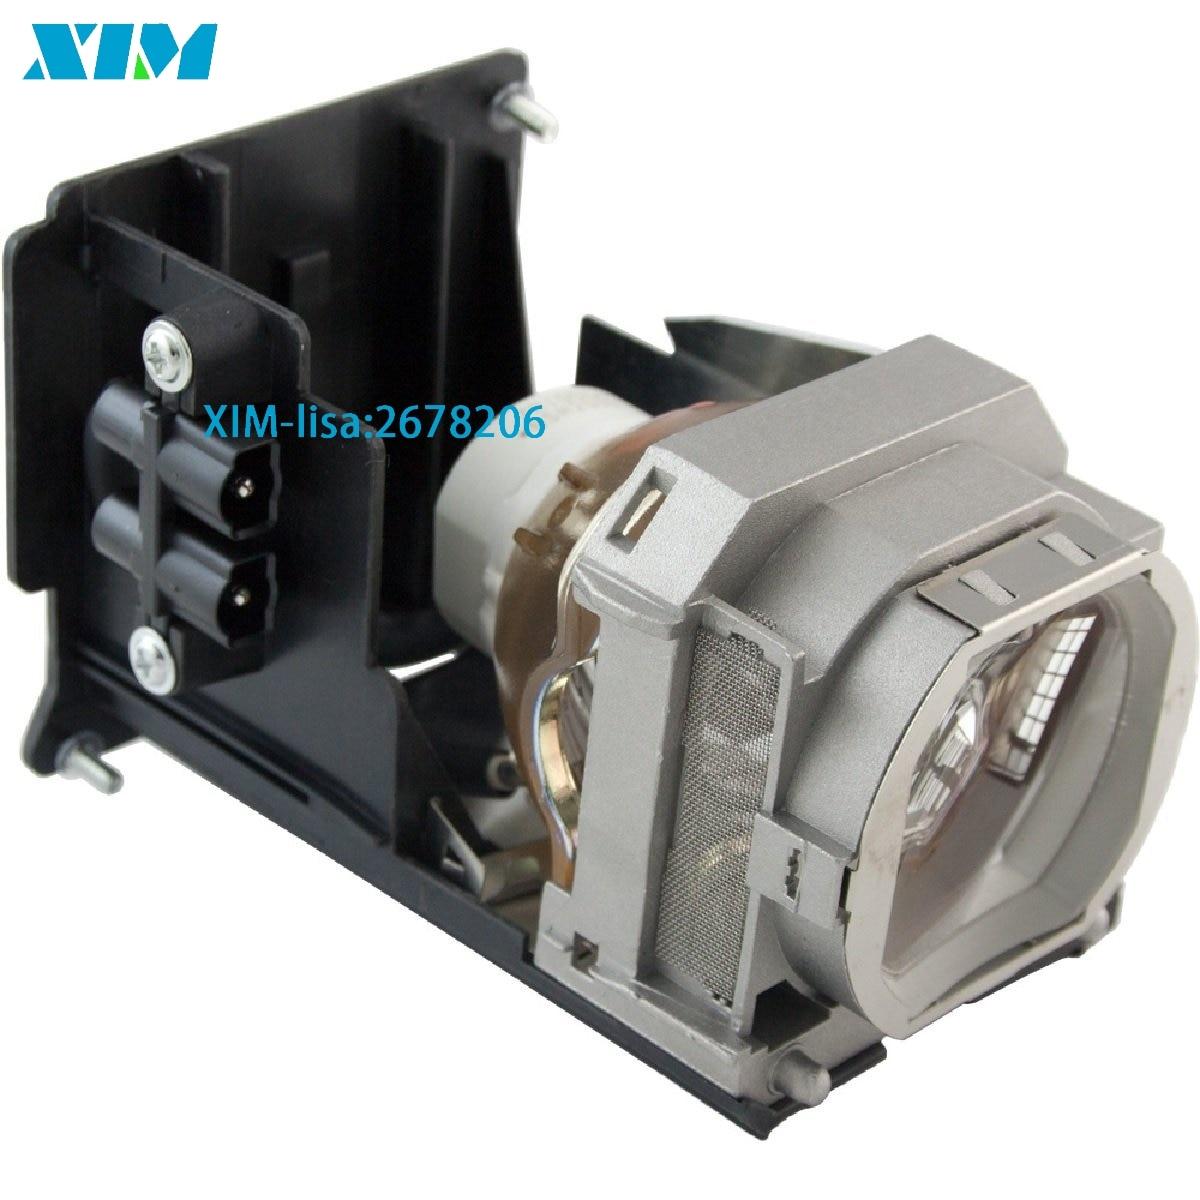 Replacement Projector Lamp with housing  VLT-XL550LP / 915D116O08 for MITSUBISHI XL550U / XL1550 / XL1550U / XL550 Projectors<br>